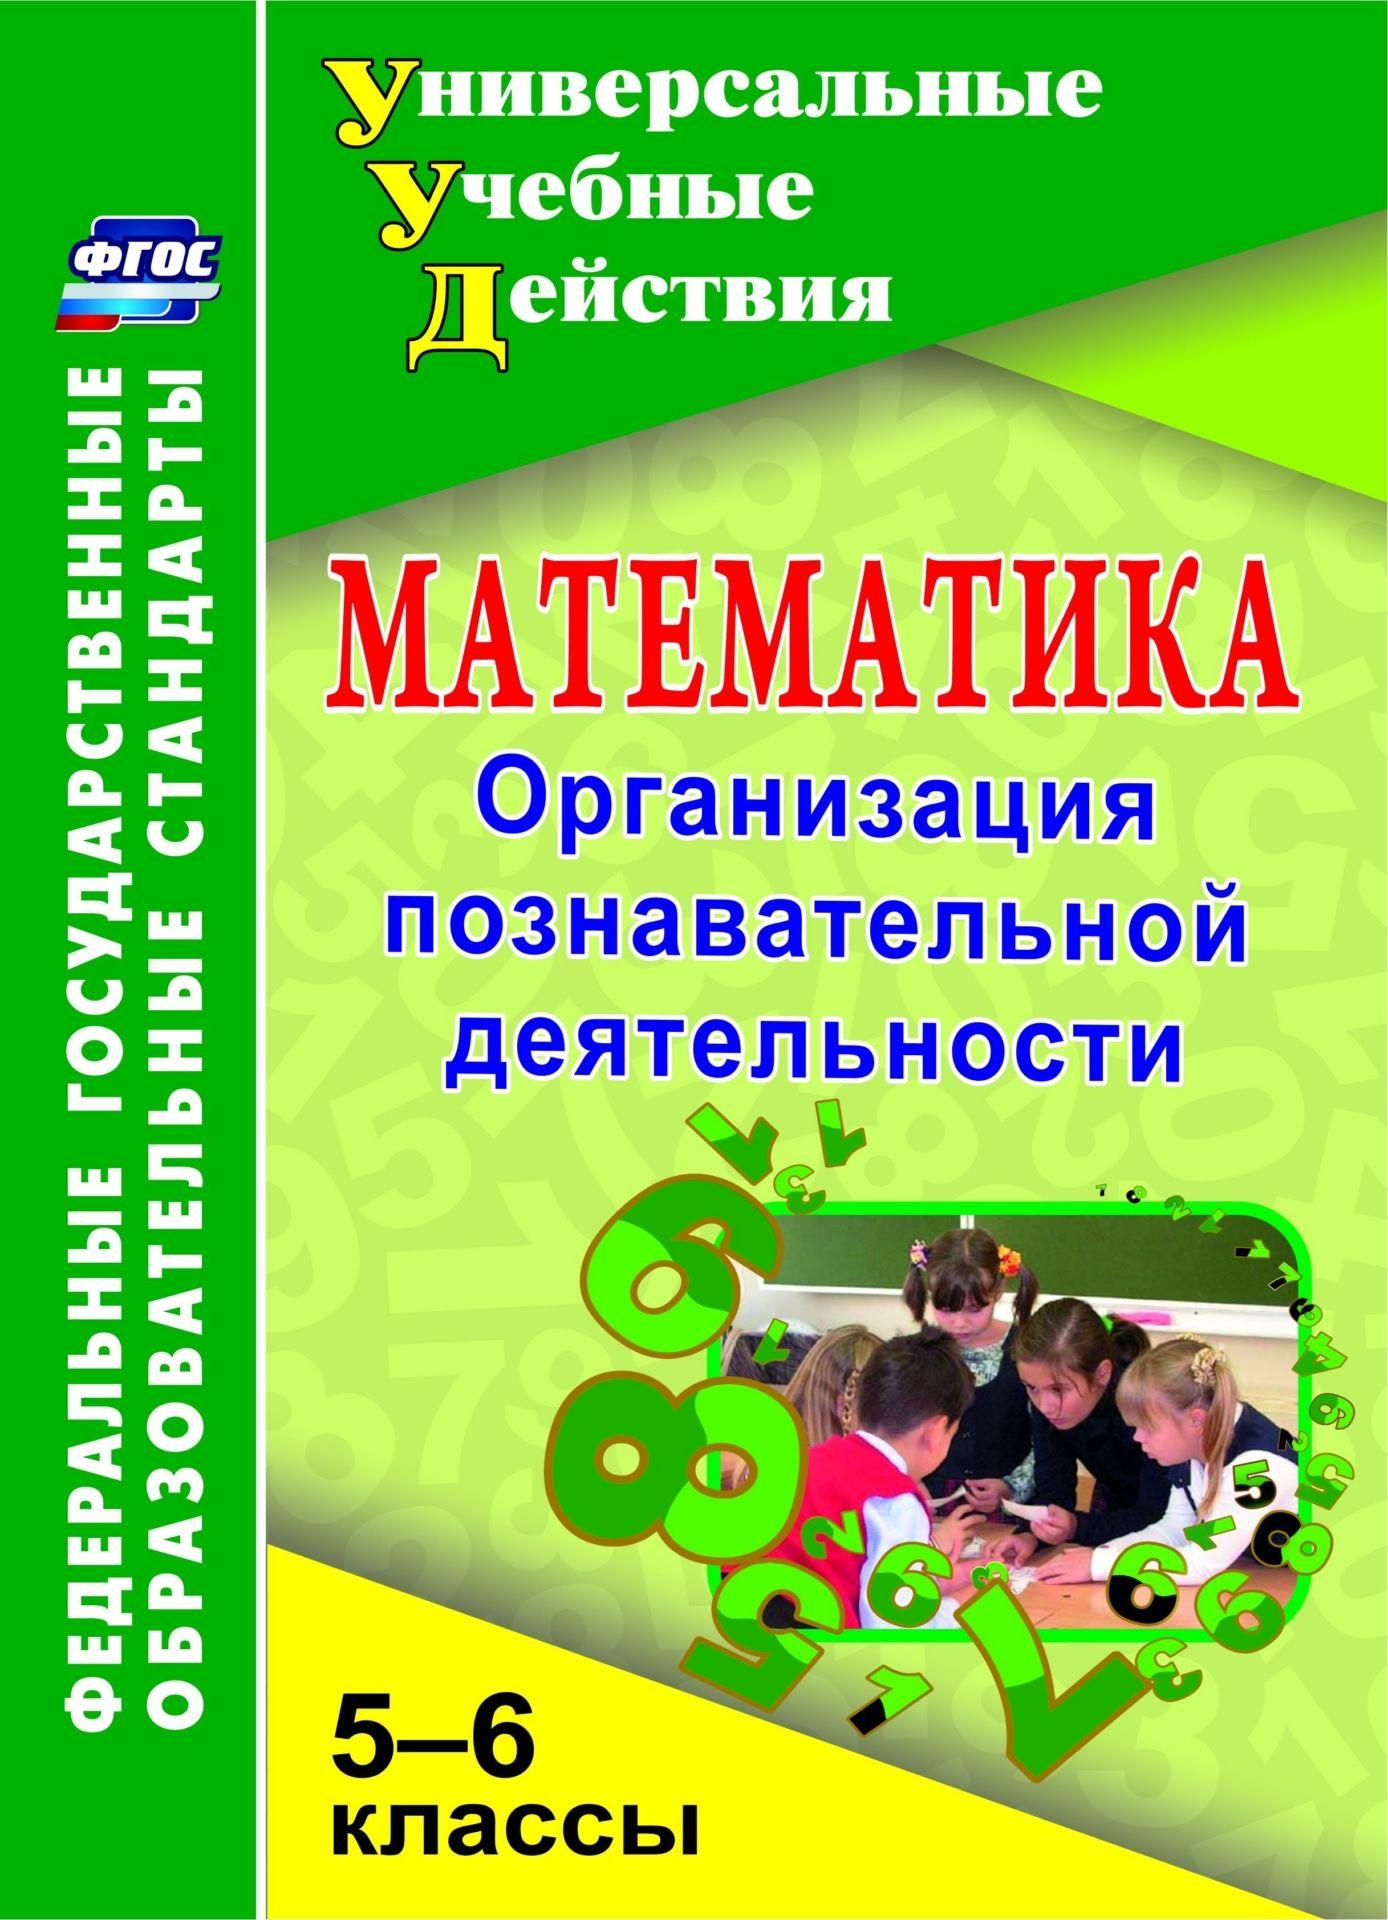 Математика. 5-6 классы. Организация познавательной деятельности. Программа для установки через Интернет